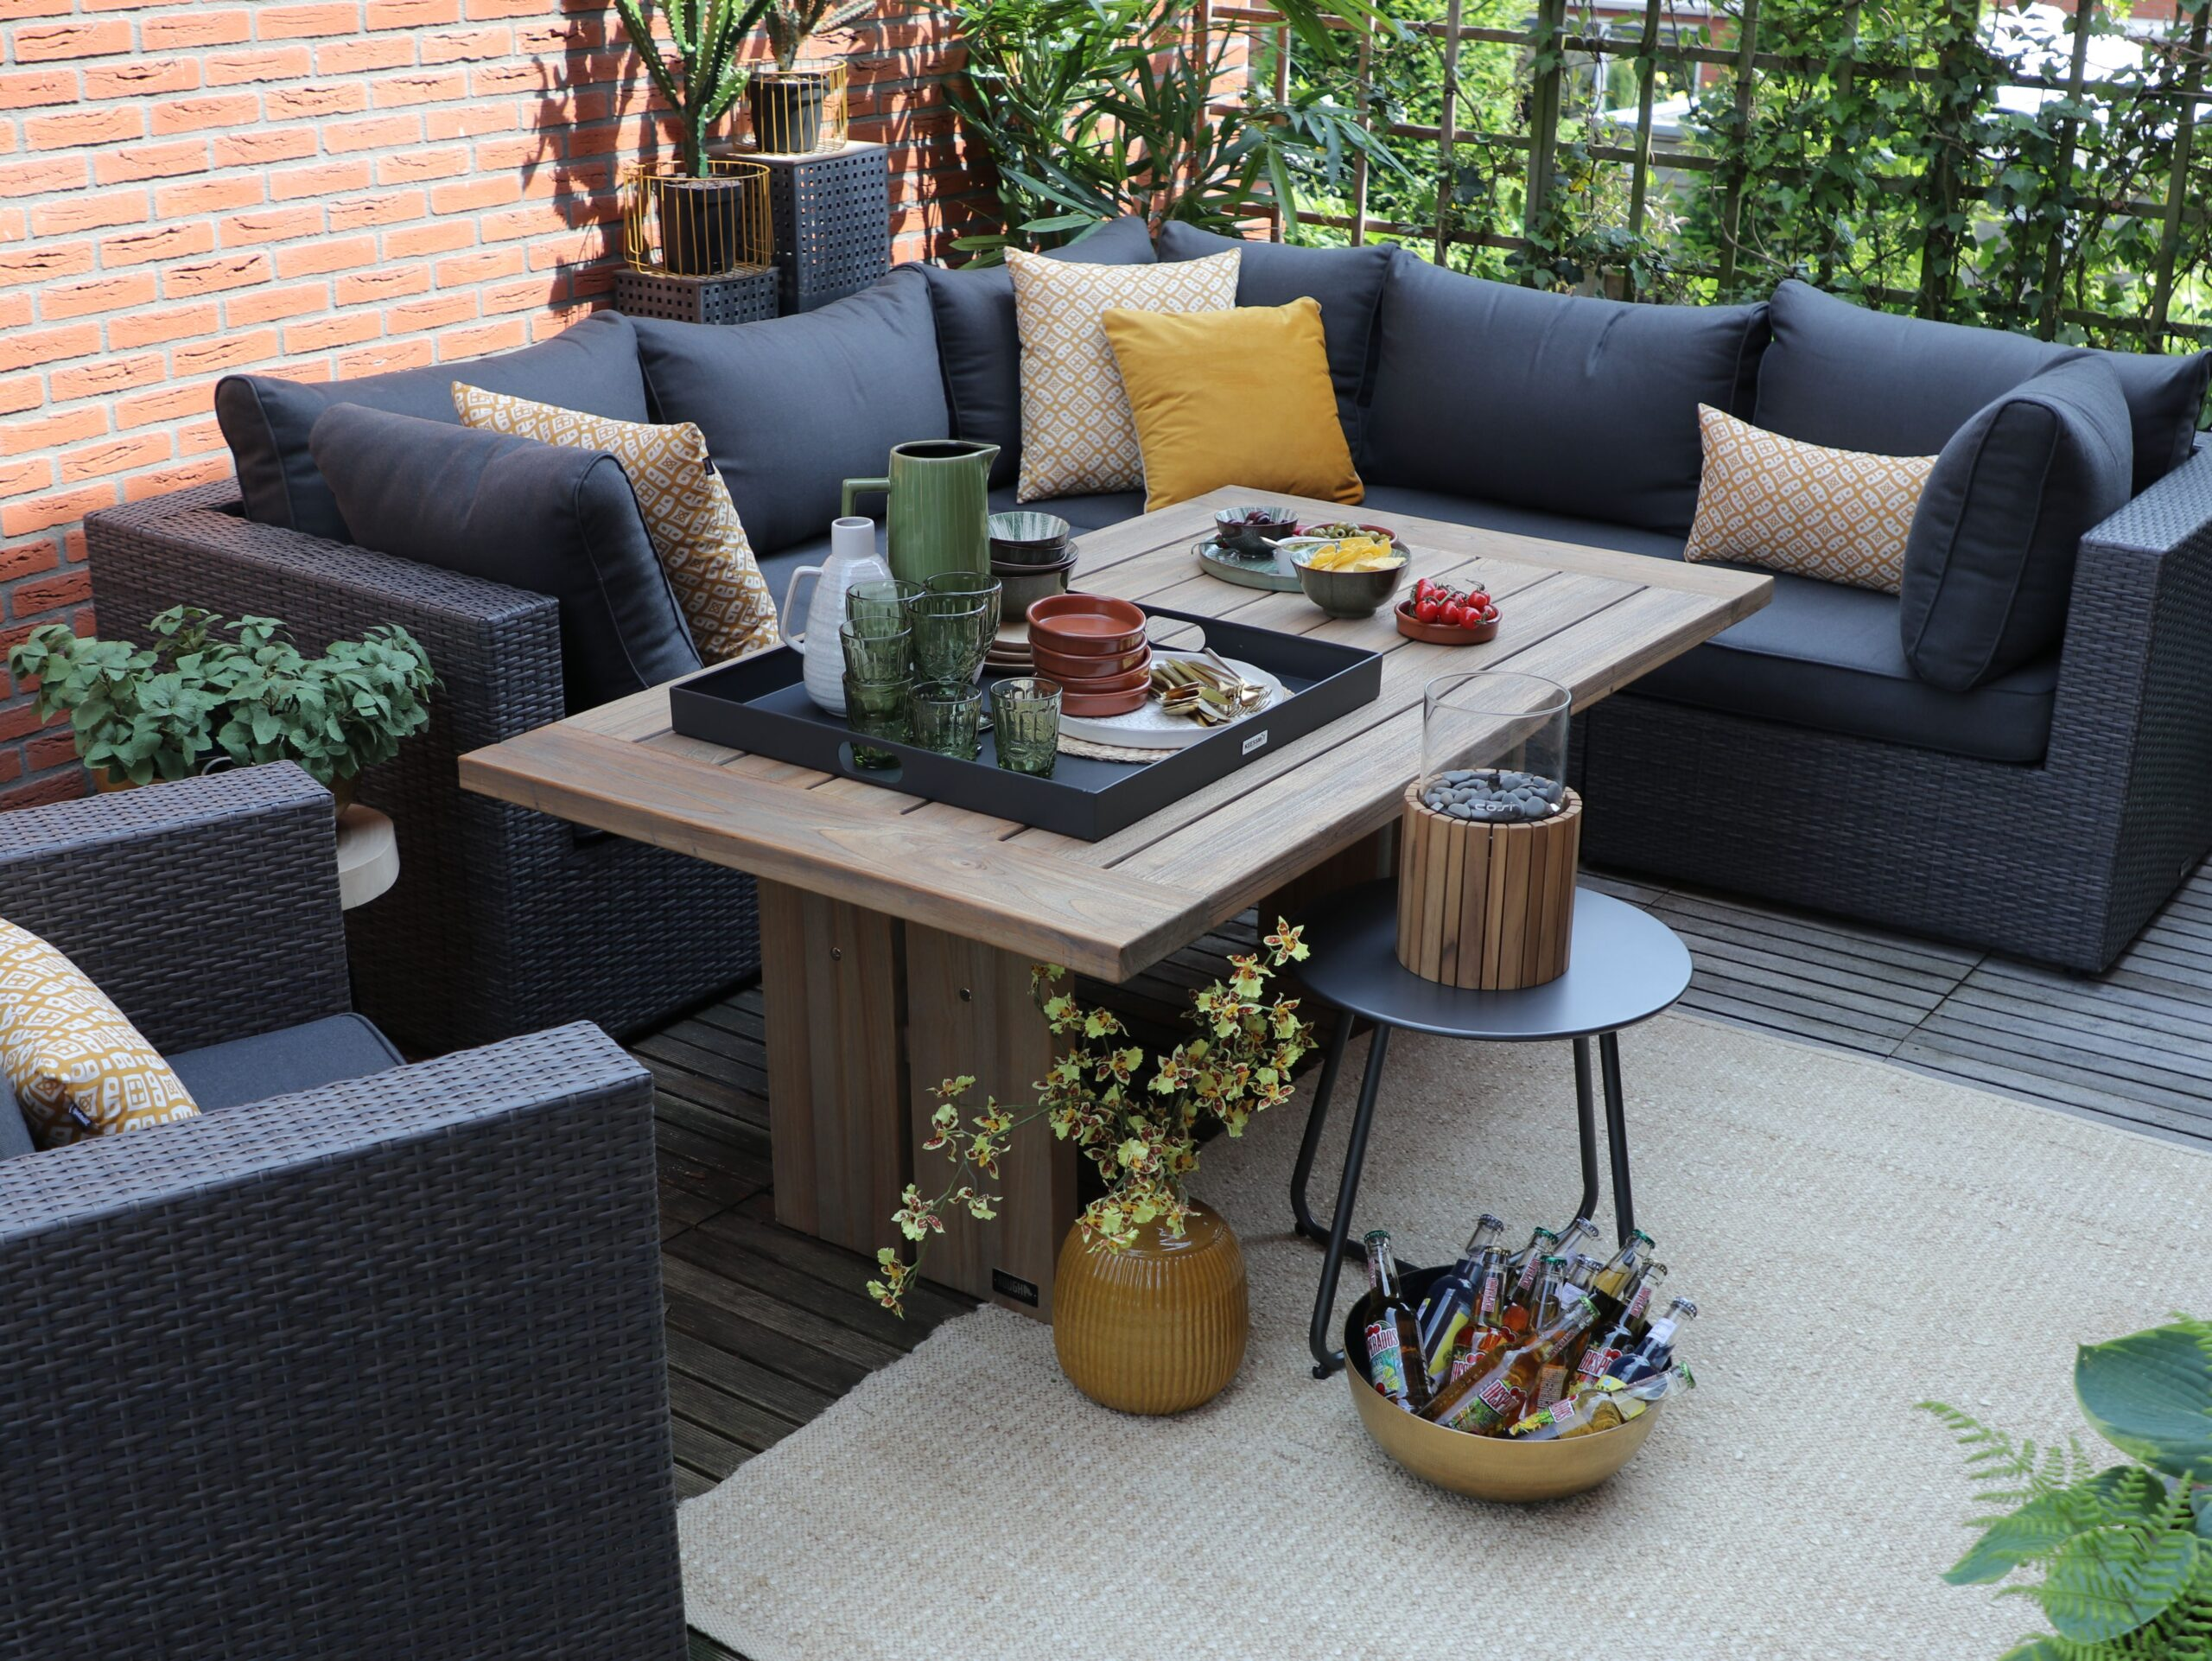 Full Size of Terrassen Lounge Stilvolle Sets Fr Terrasse Der Klassische Garten Möbel Loungemöbel Holz Sofa Set Günstig Sessel Wohnzimmer Terrassen Lounge